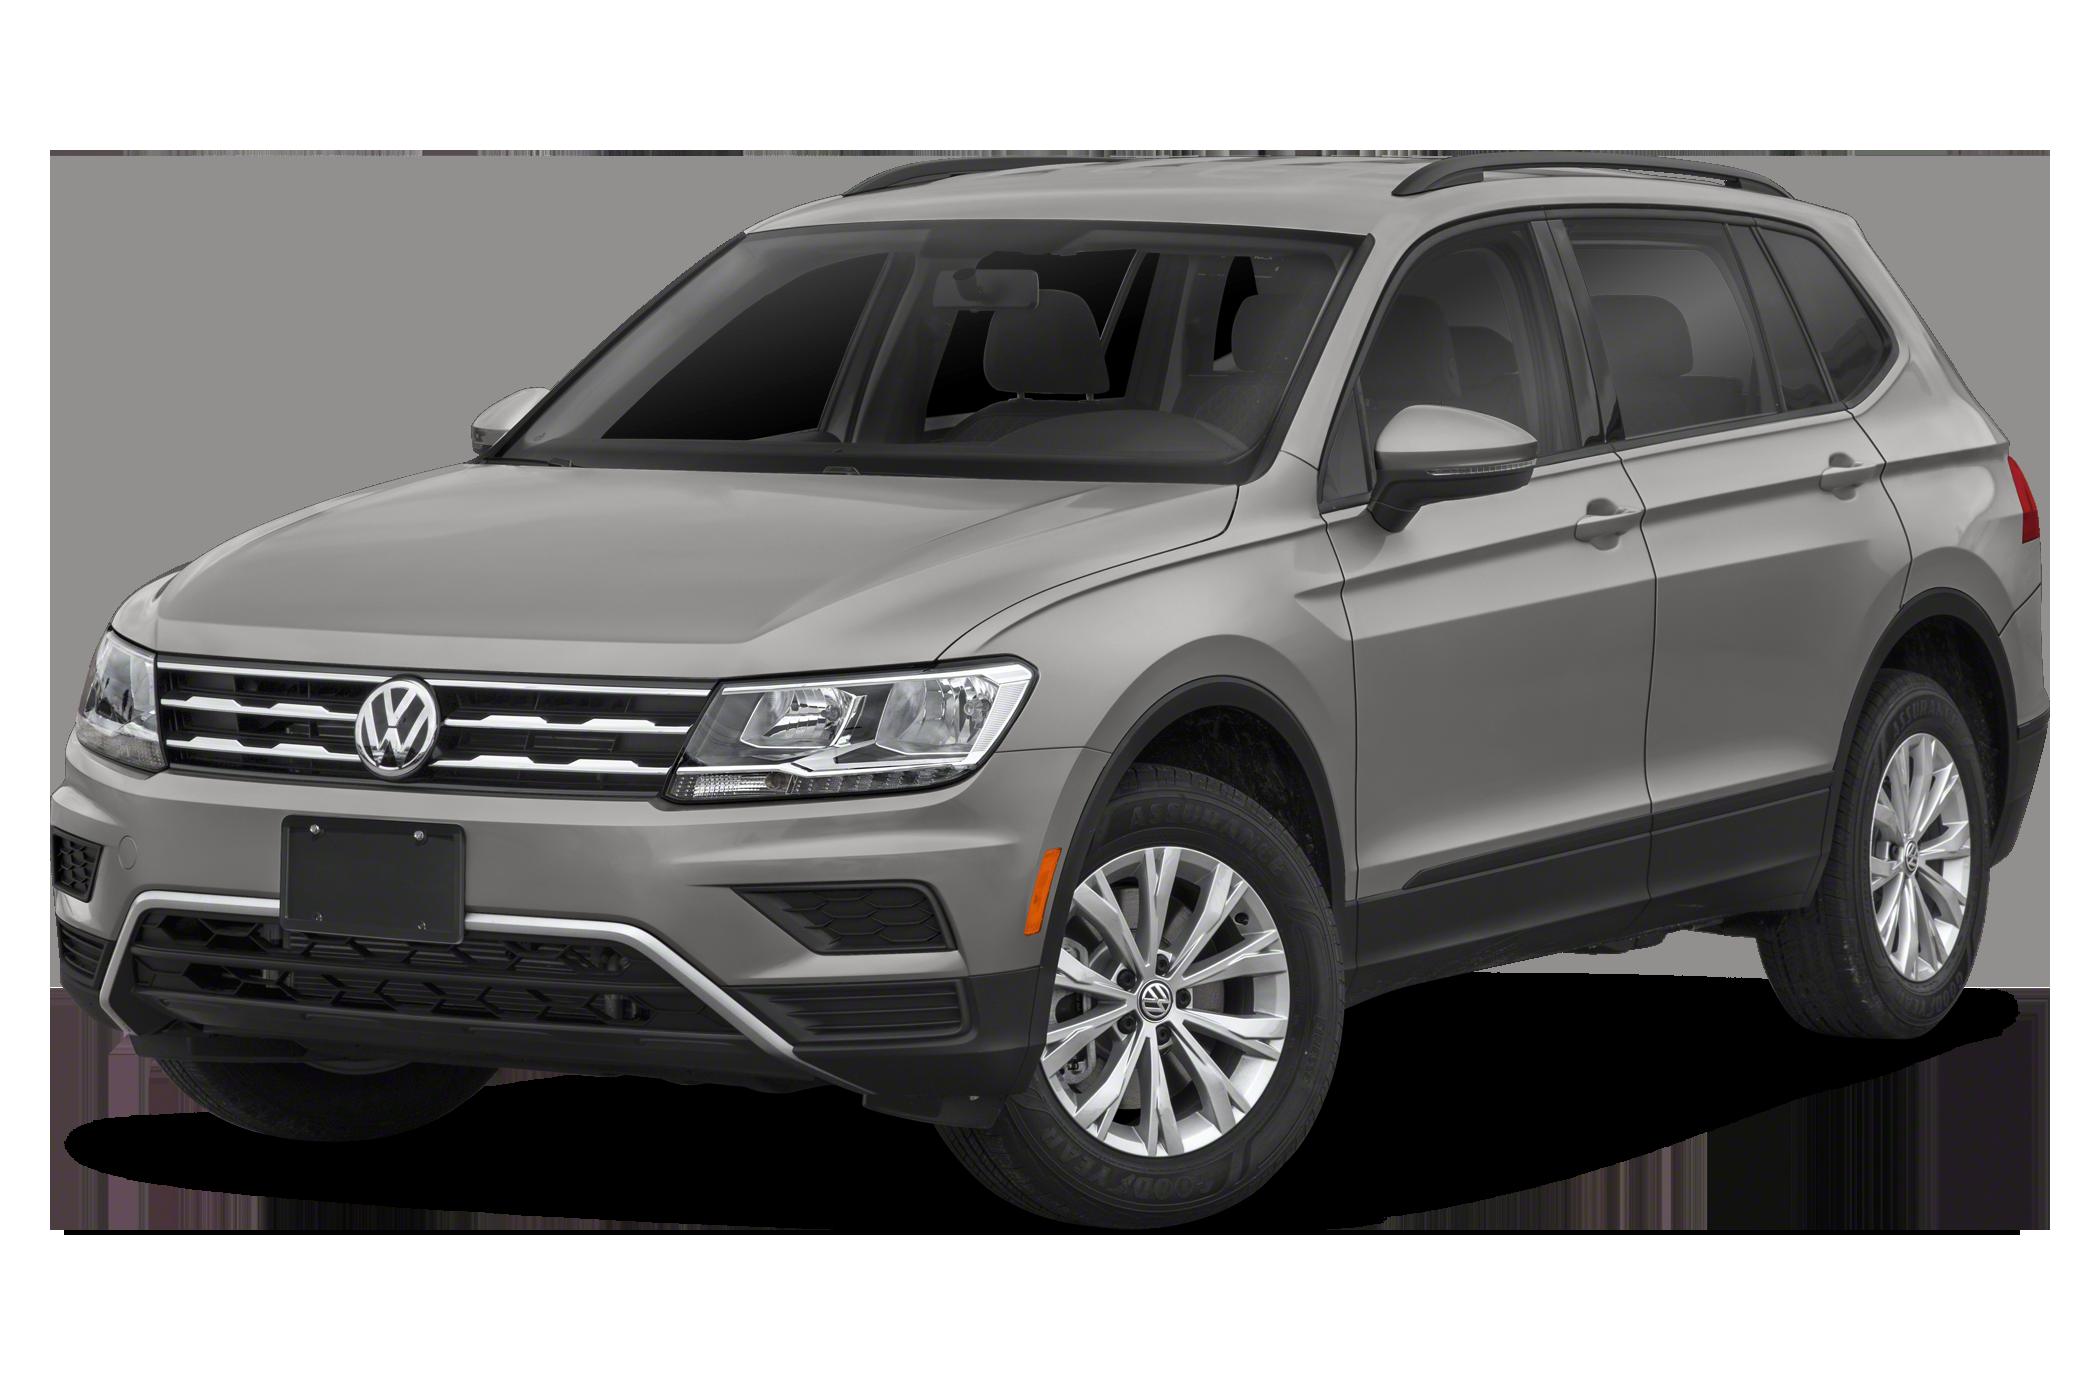 2021 Volkswagen Tiguan - View Specs, Prices & Photos ...